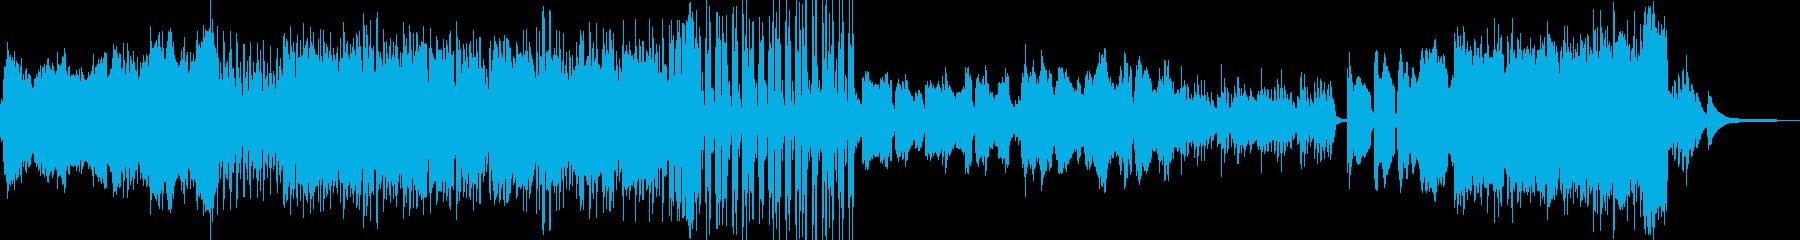 落ち葉が似合うクラシック B2の再生済みの波形